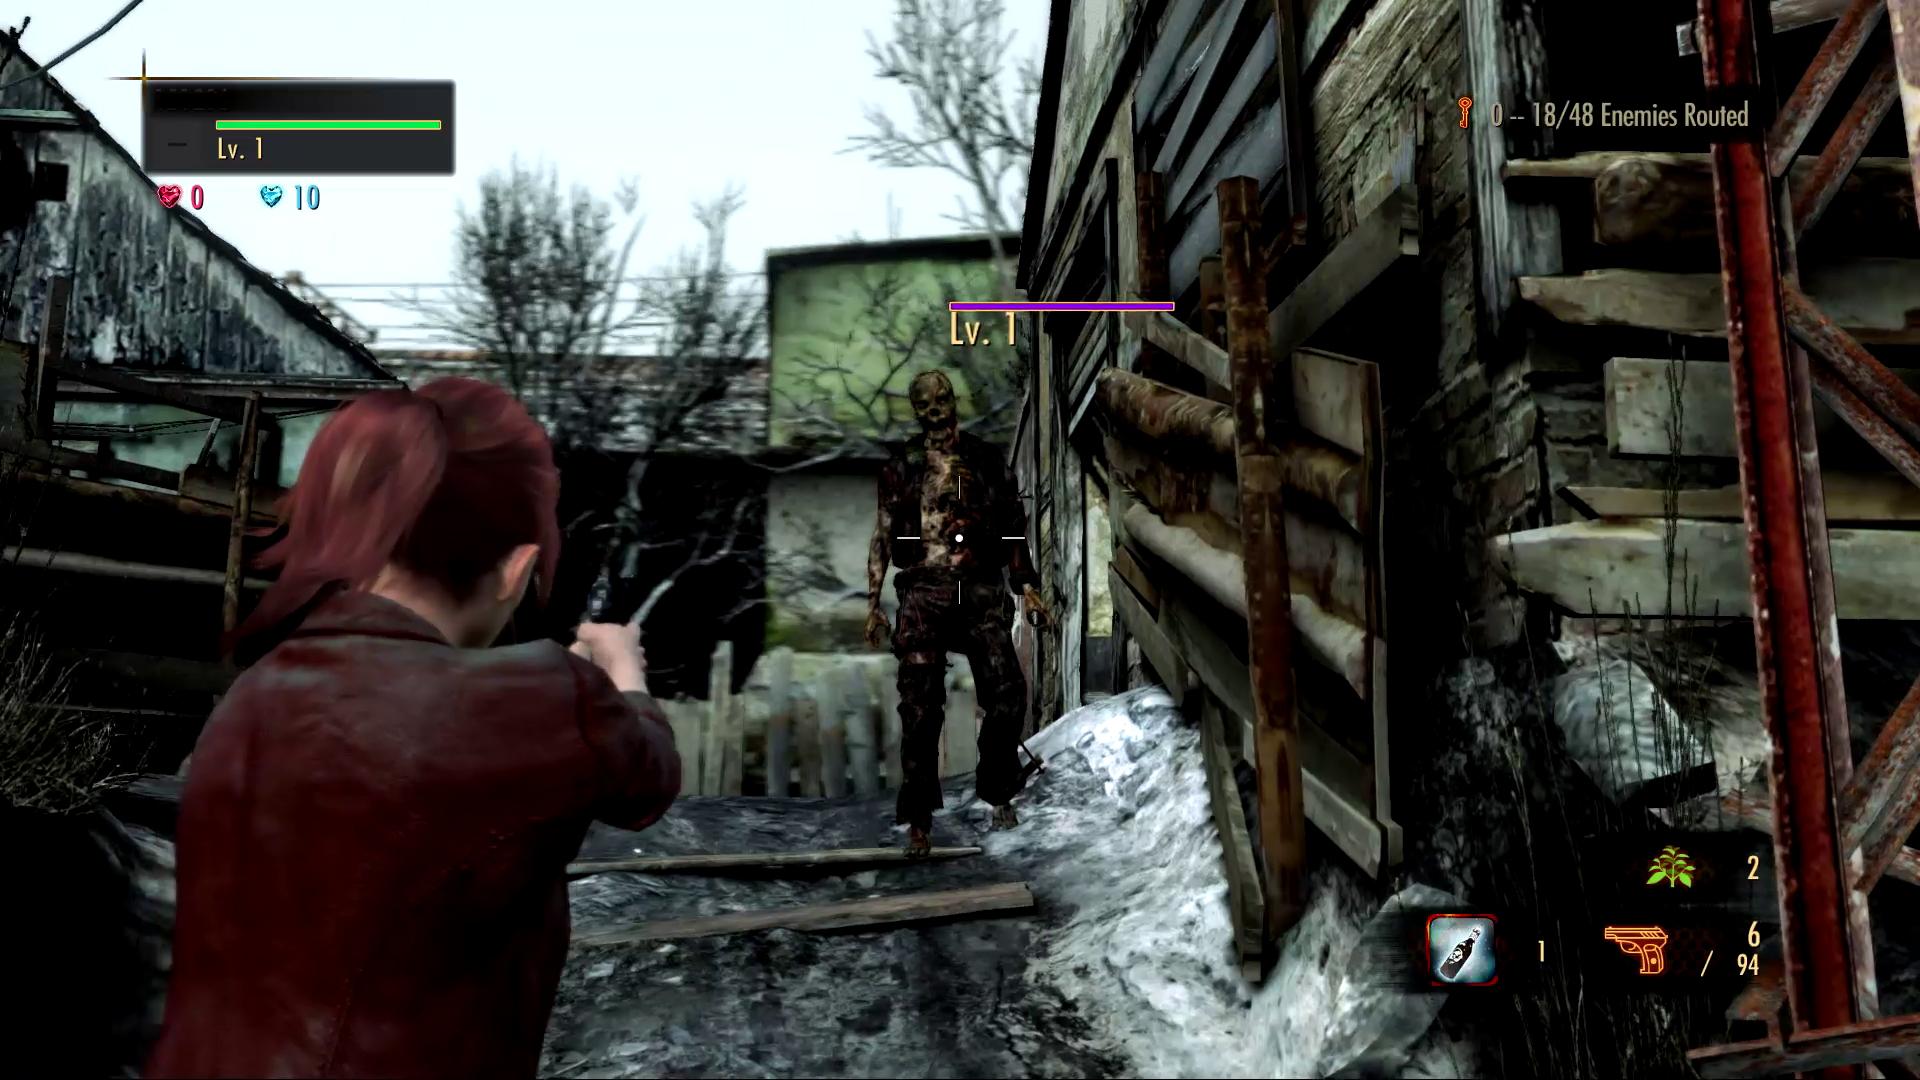 Resident Evil Revelations 2 version for PC - GamesKnit